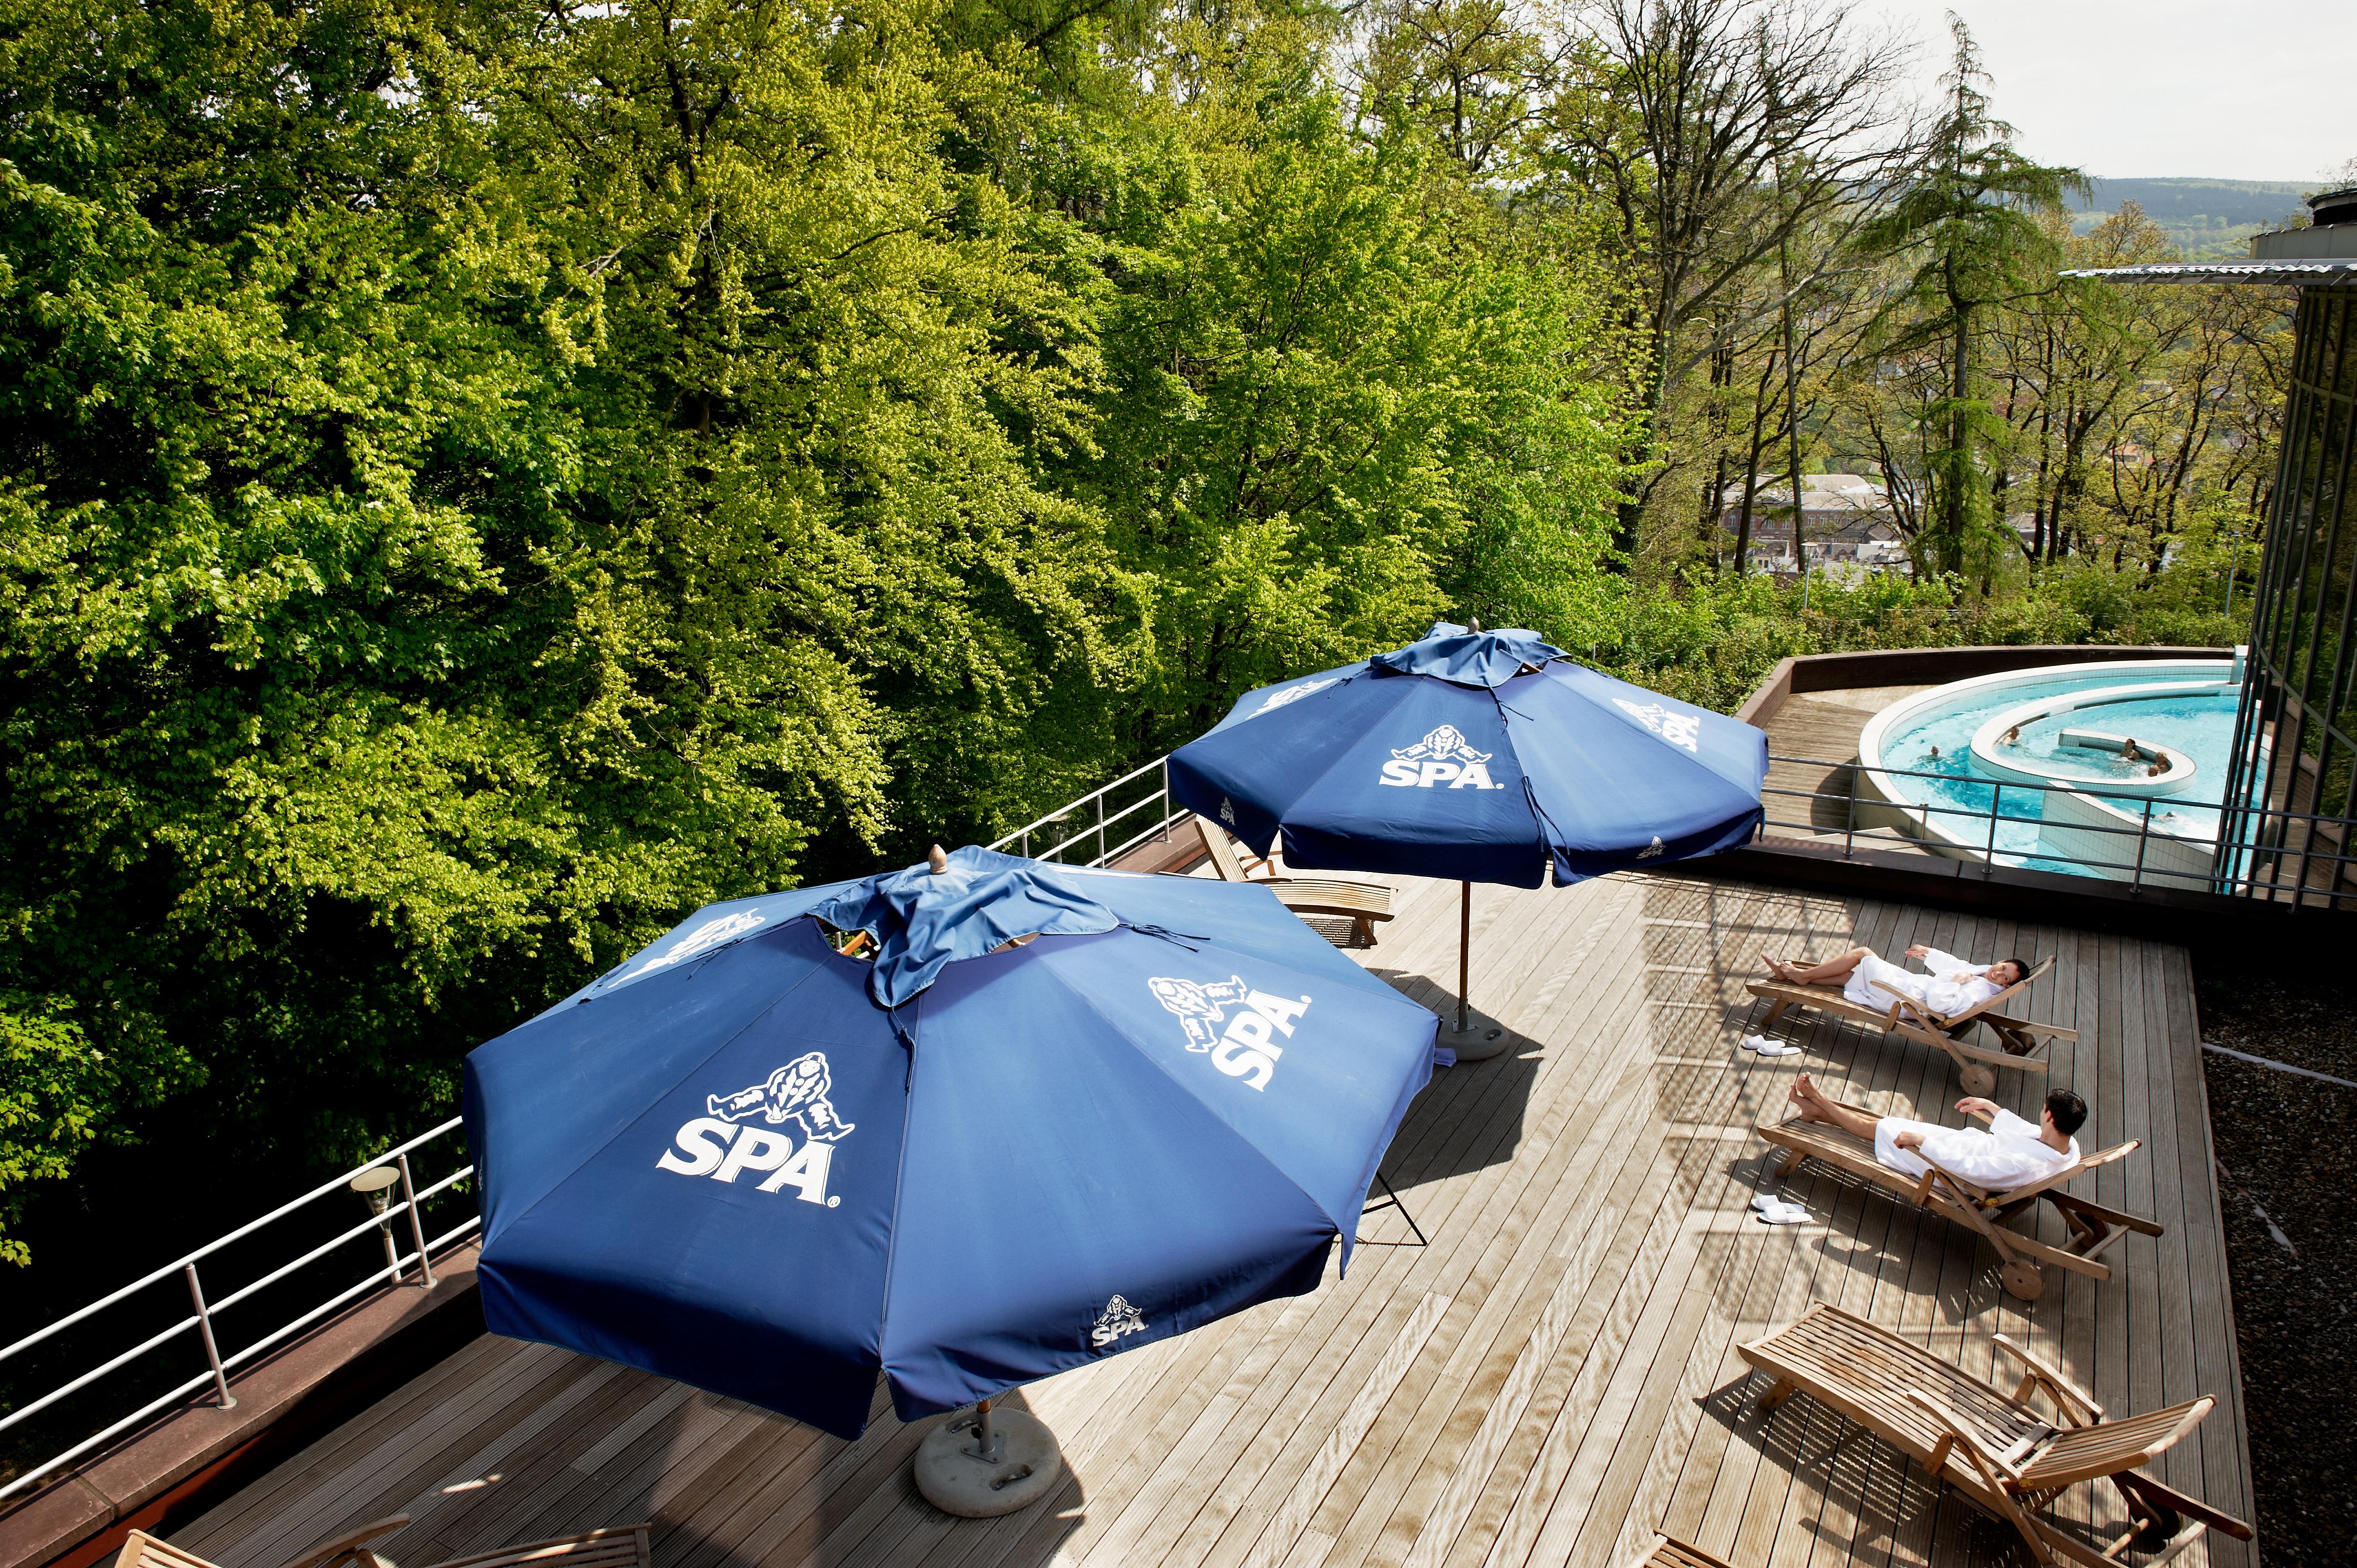 Les conseils des Thermes de Spa pour de bonnes vacances au soleil.